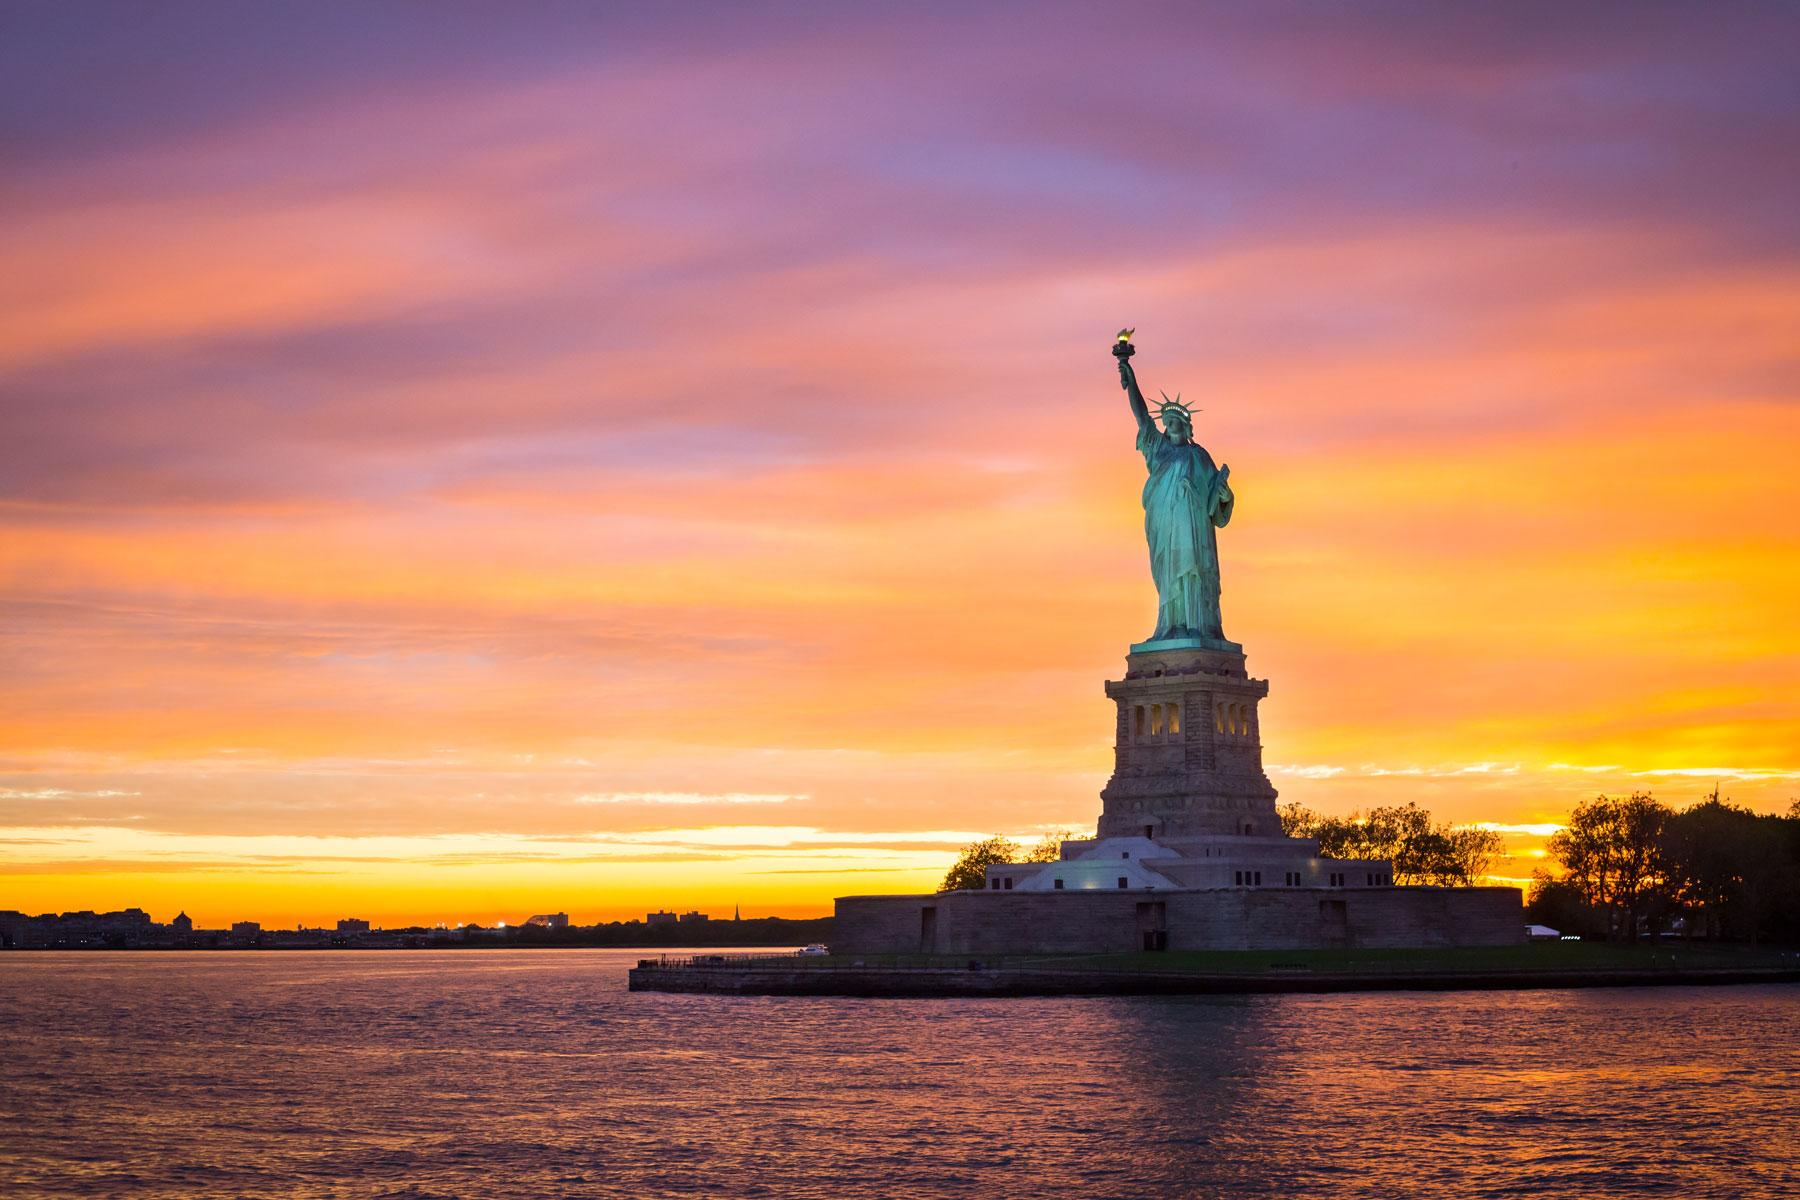 statue-of-liberty-sunset-webopt